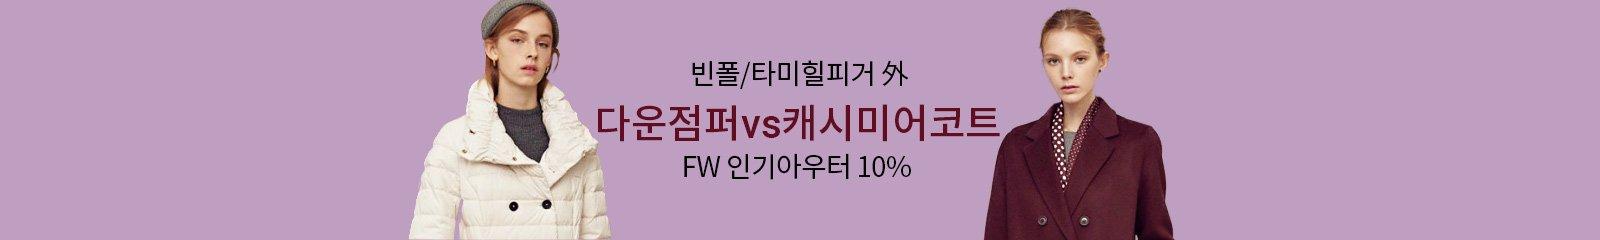 [롯데백화점] 빈폴外 2018 FW 아우터 대전